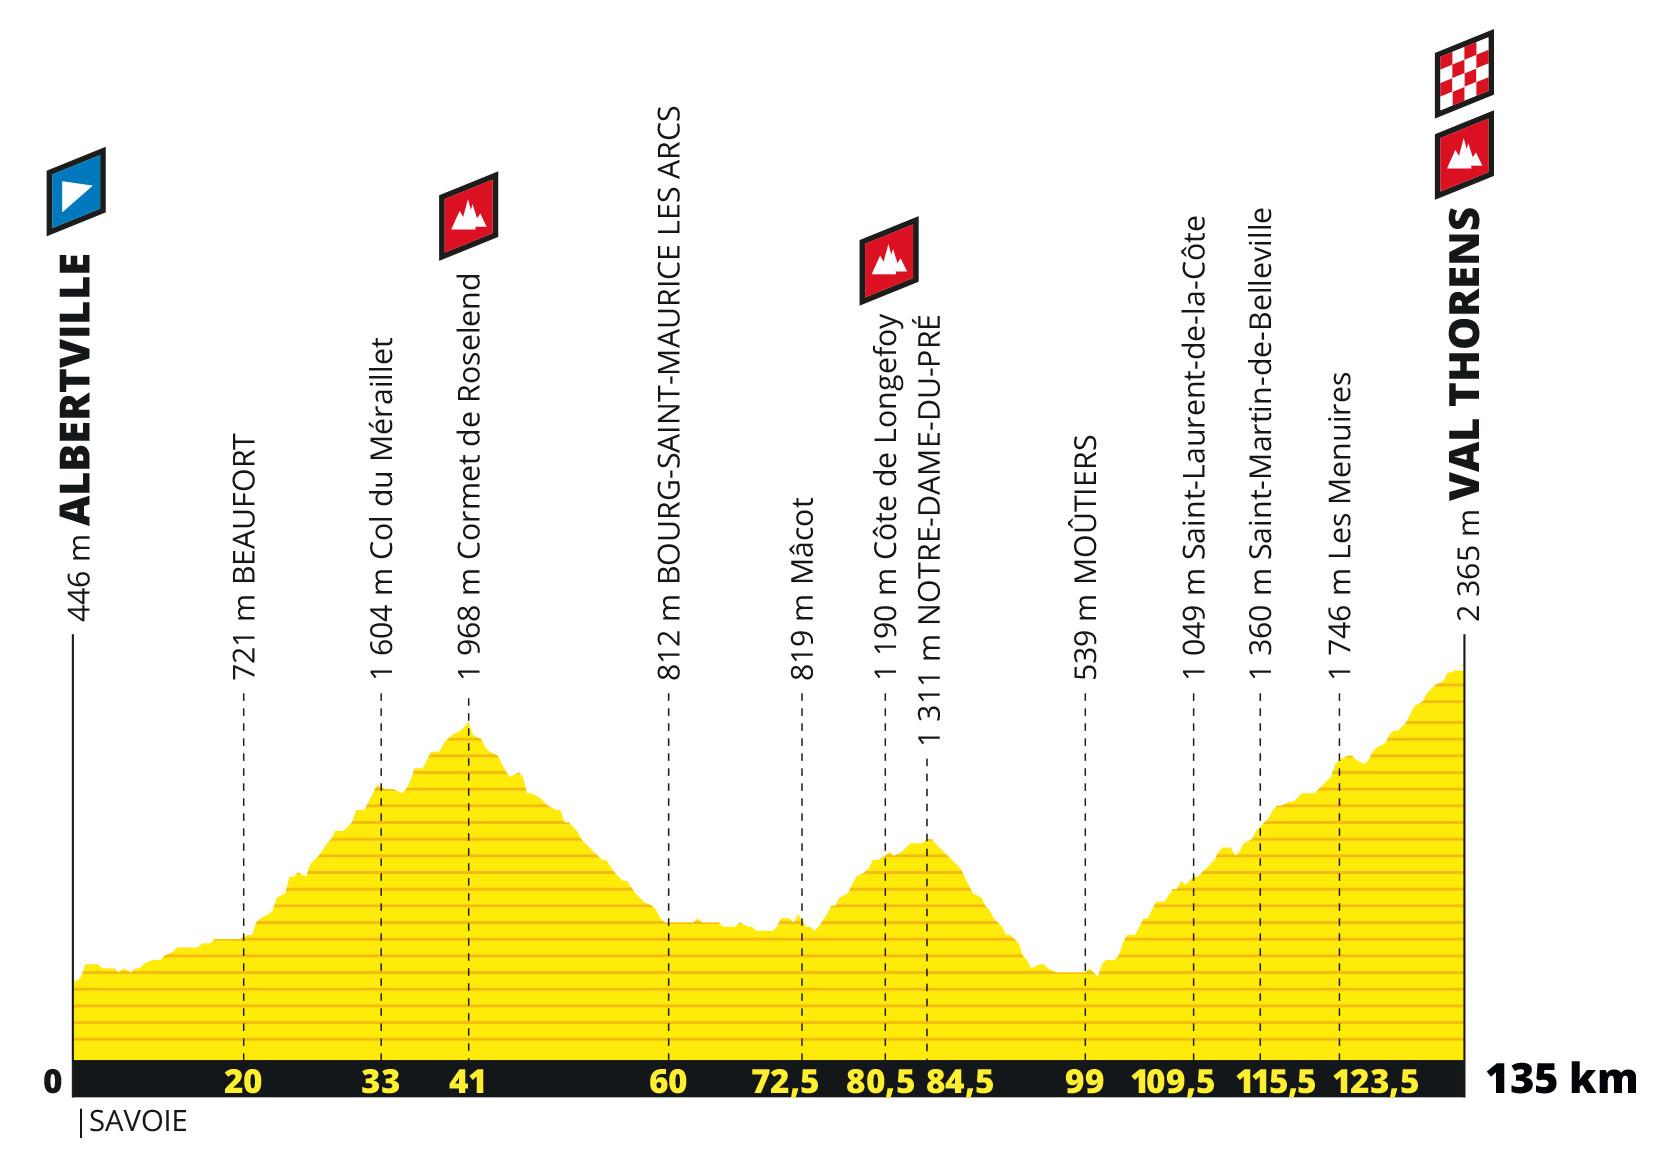 tour-de-france-2019-etape-20-albertville-valthorens-profil-2248